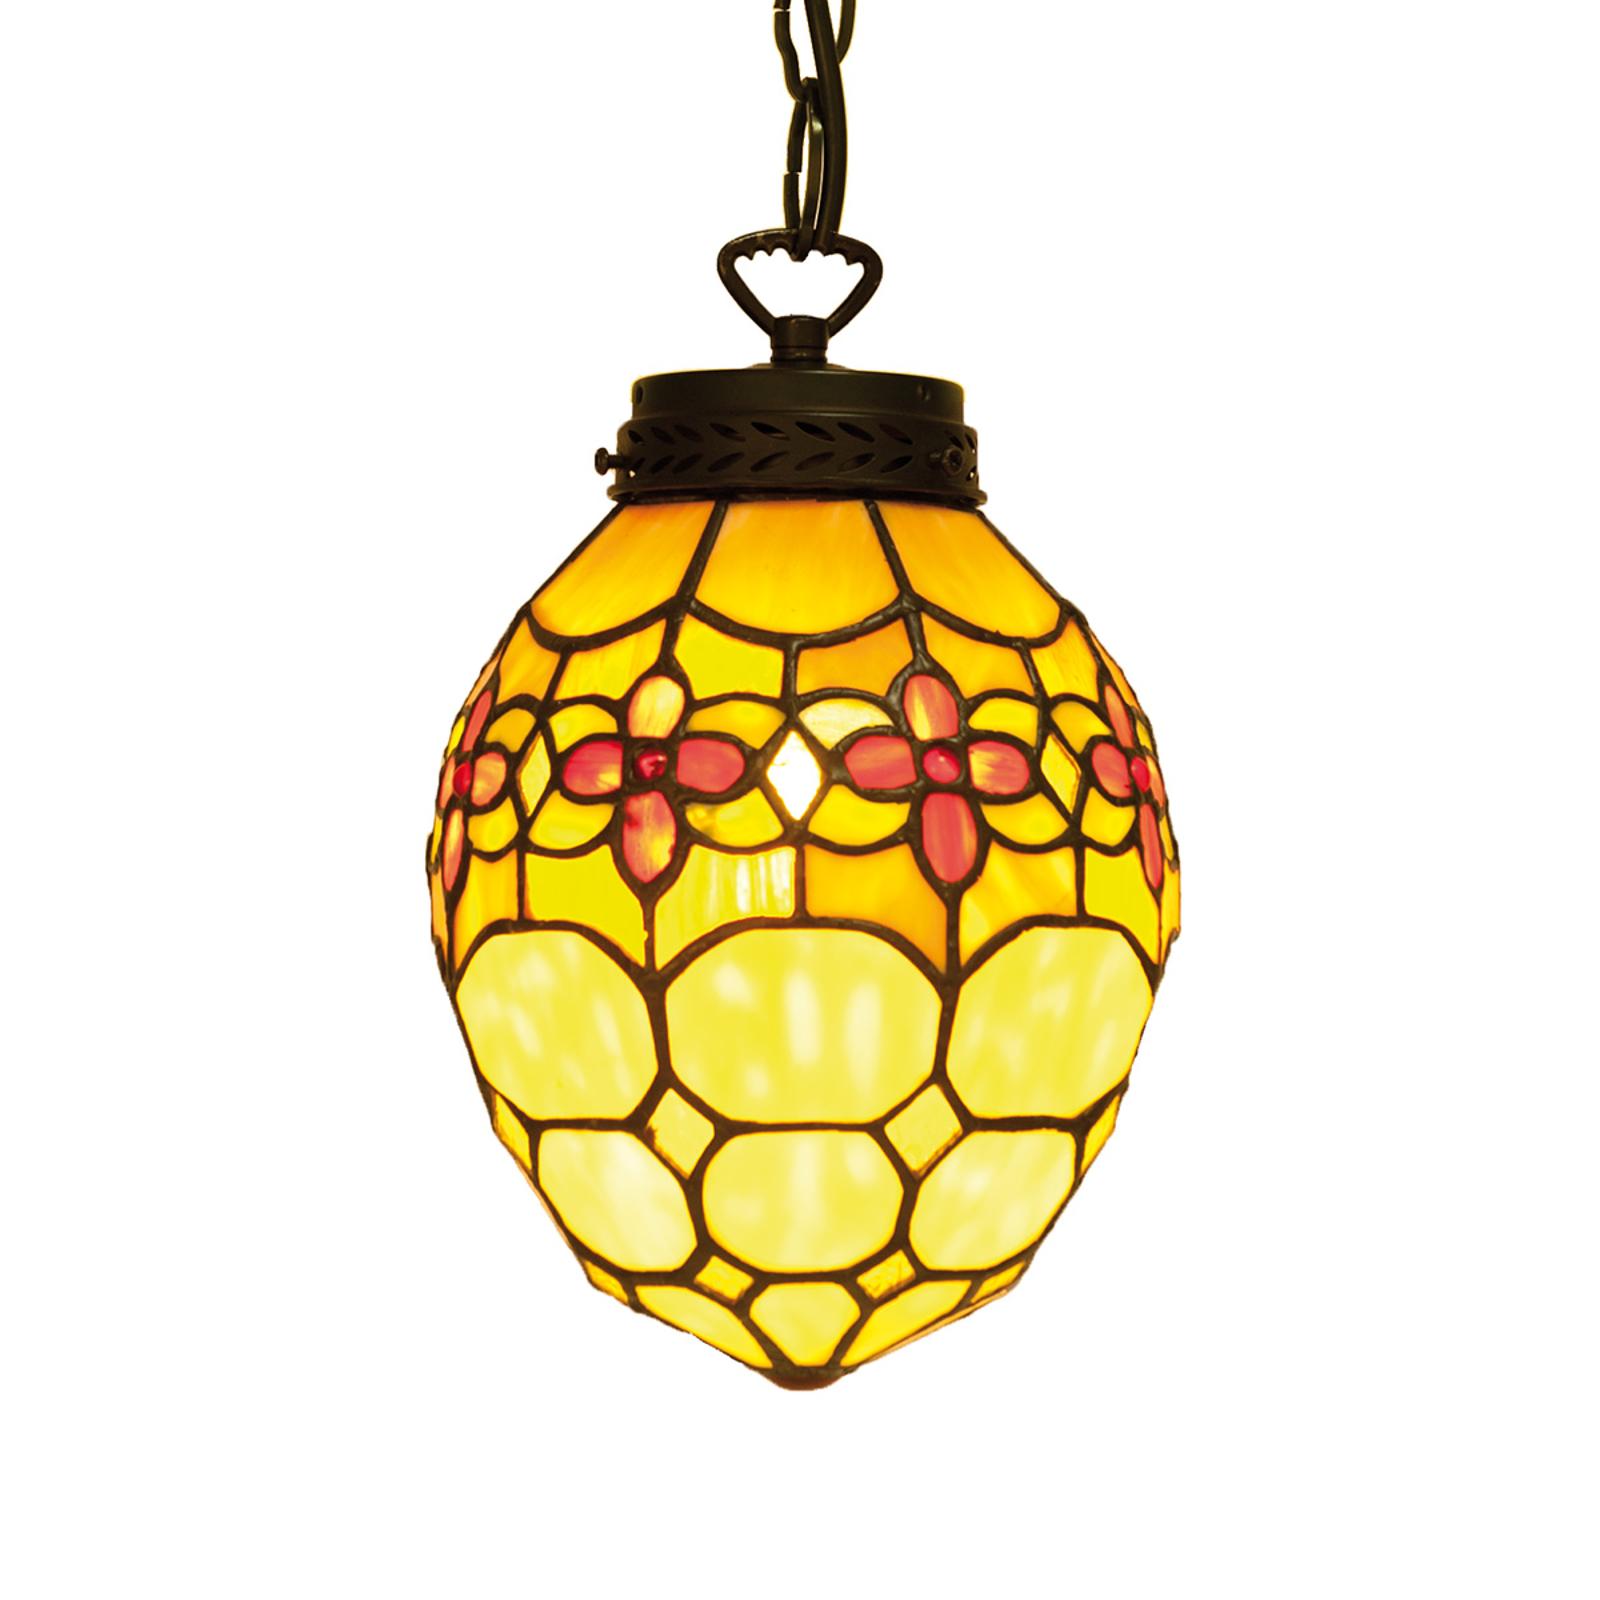 Carla - un lampadario in stile Tiffany